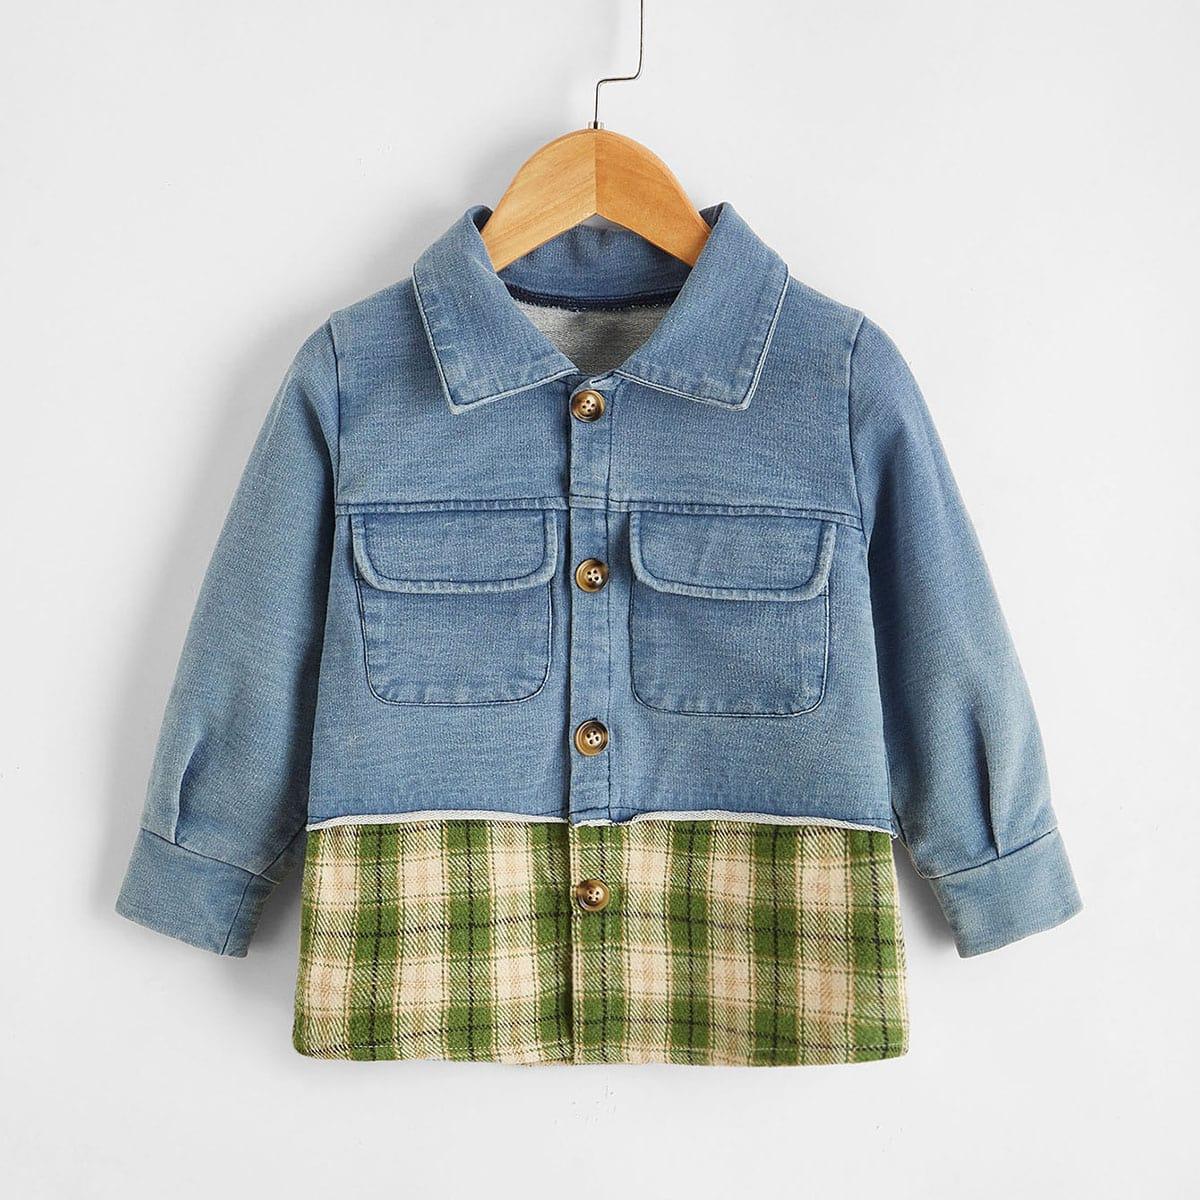 Джинсовая куртка для мальчиков с клетчатыми карманами с клапанами